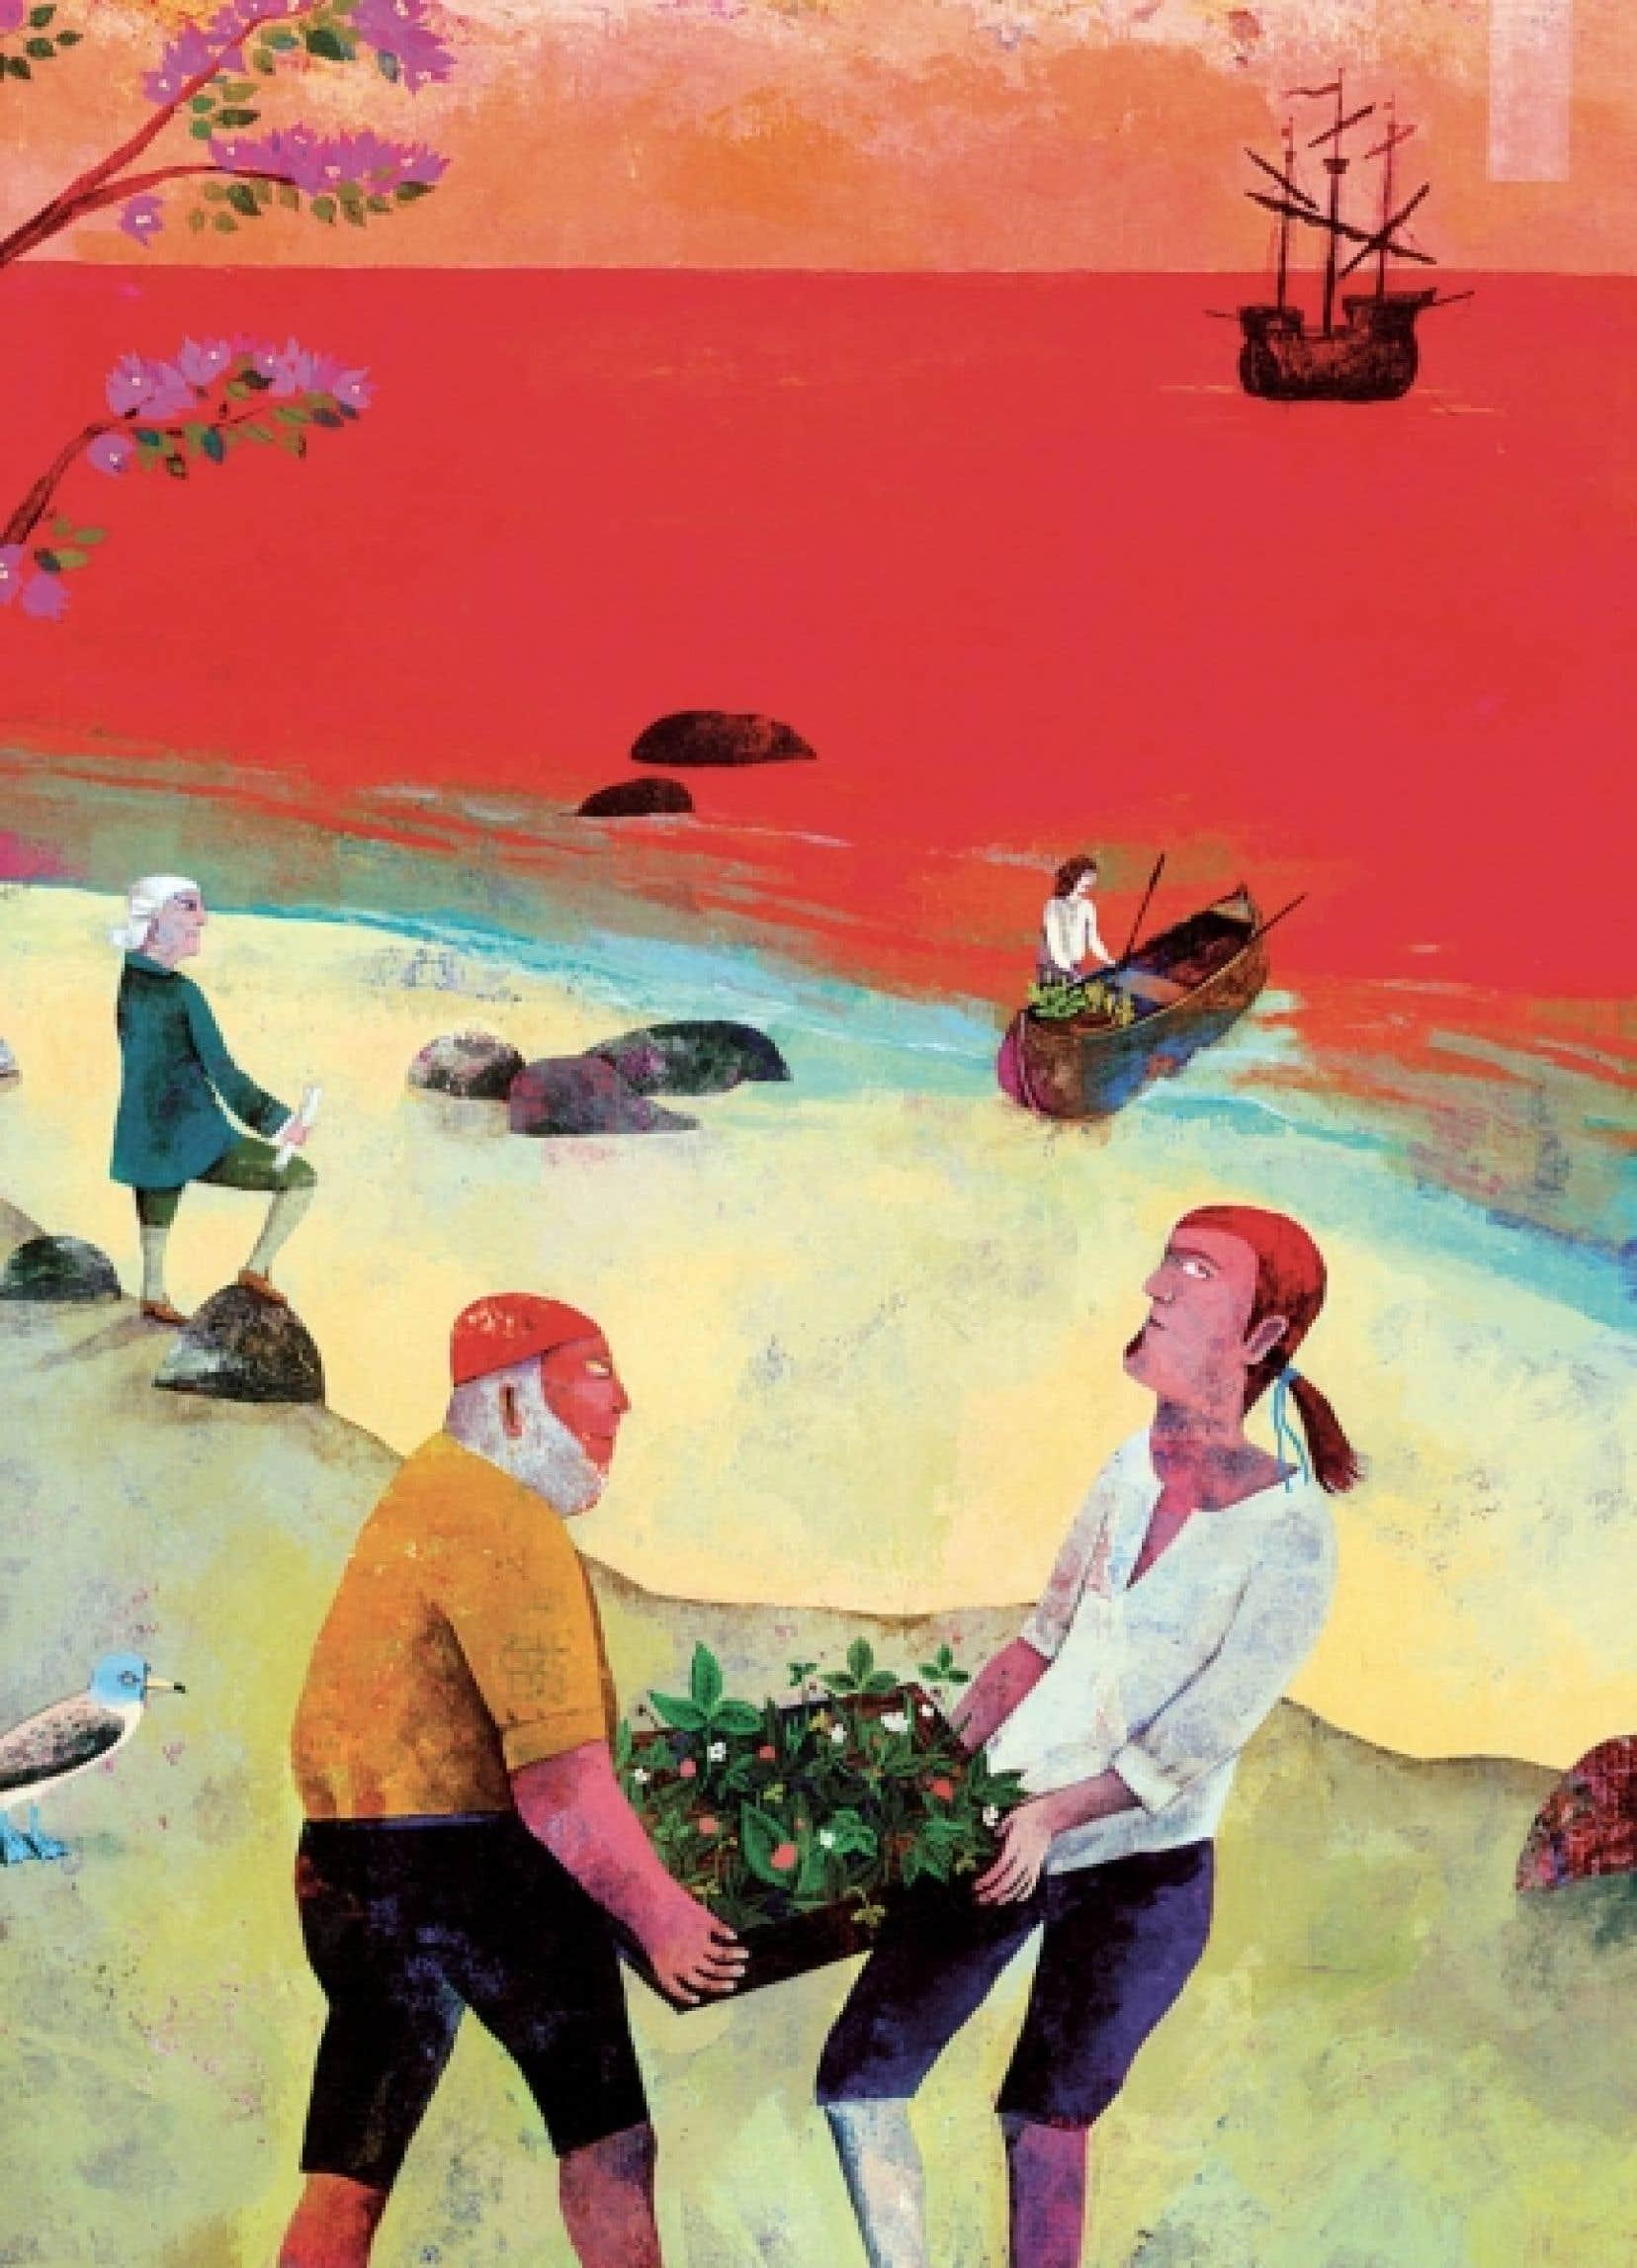 Tiré de La Fabuleuse Cuisine de la route des épices d'Alain Serres et Vanessa Hié (illustrations).